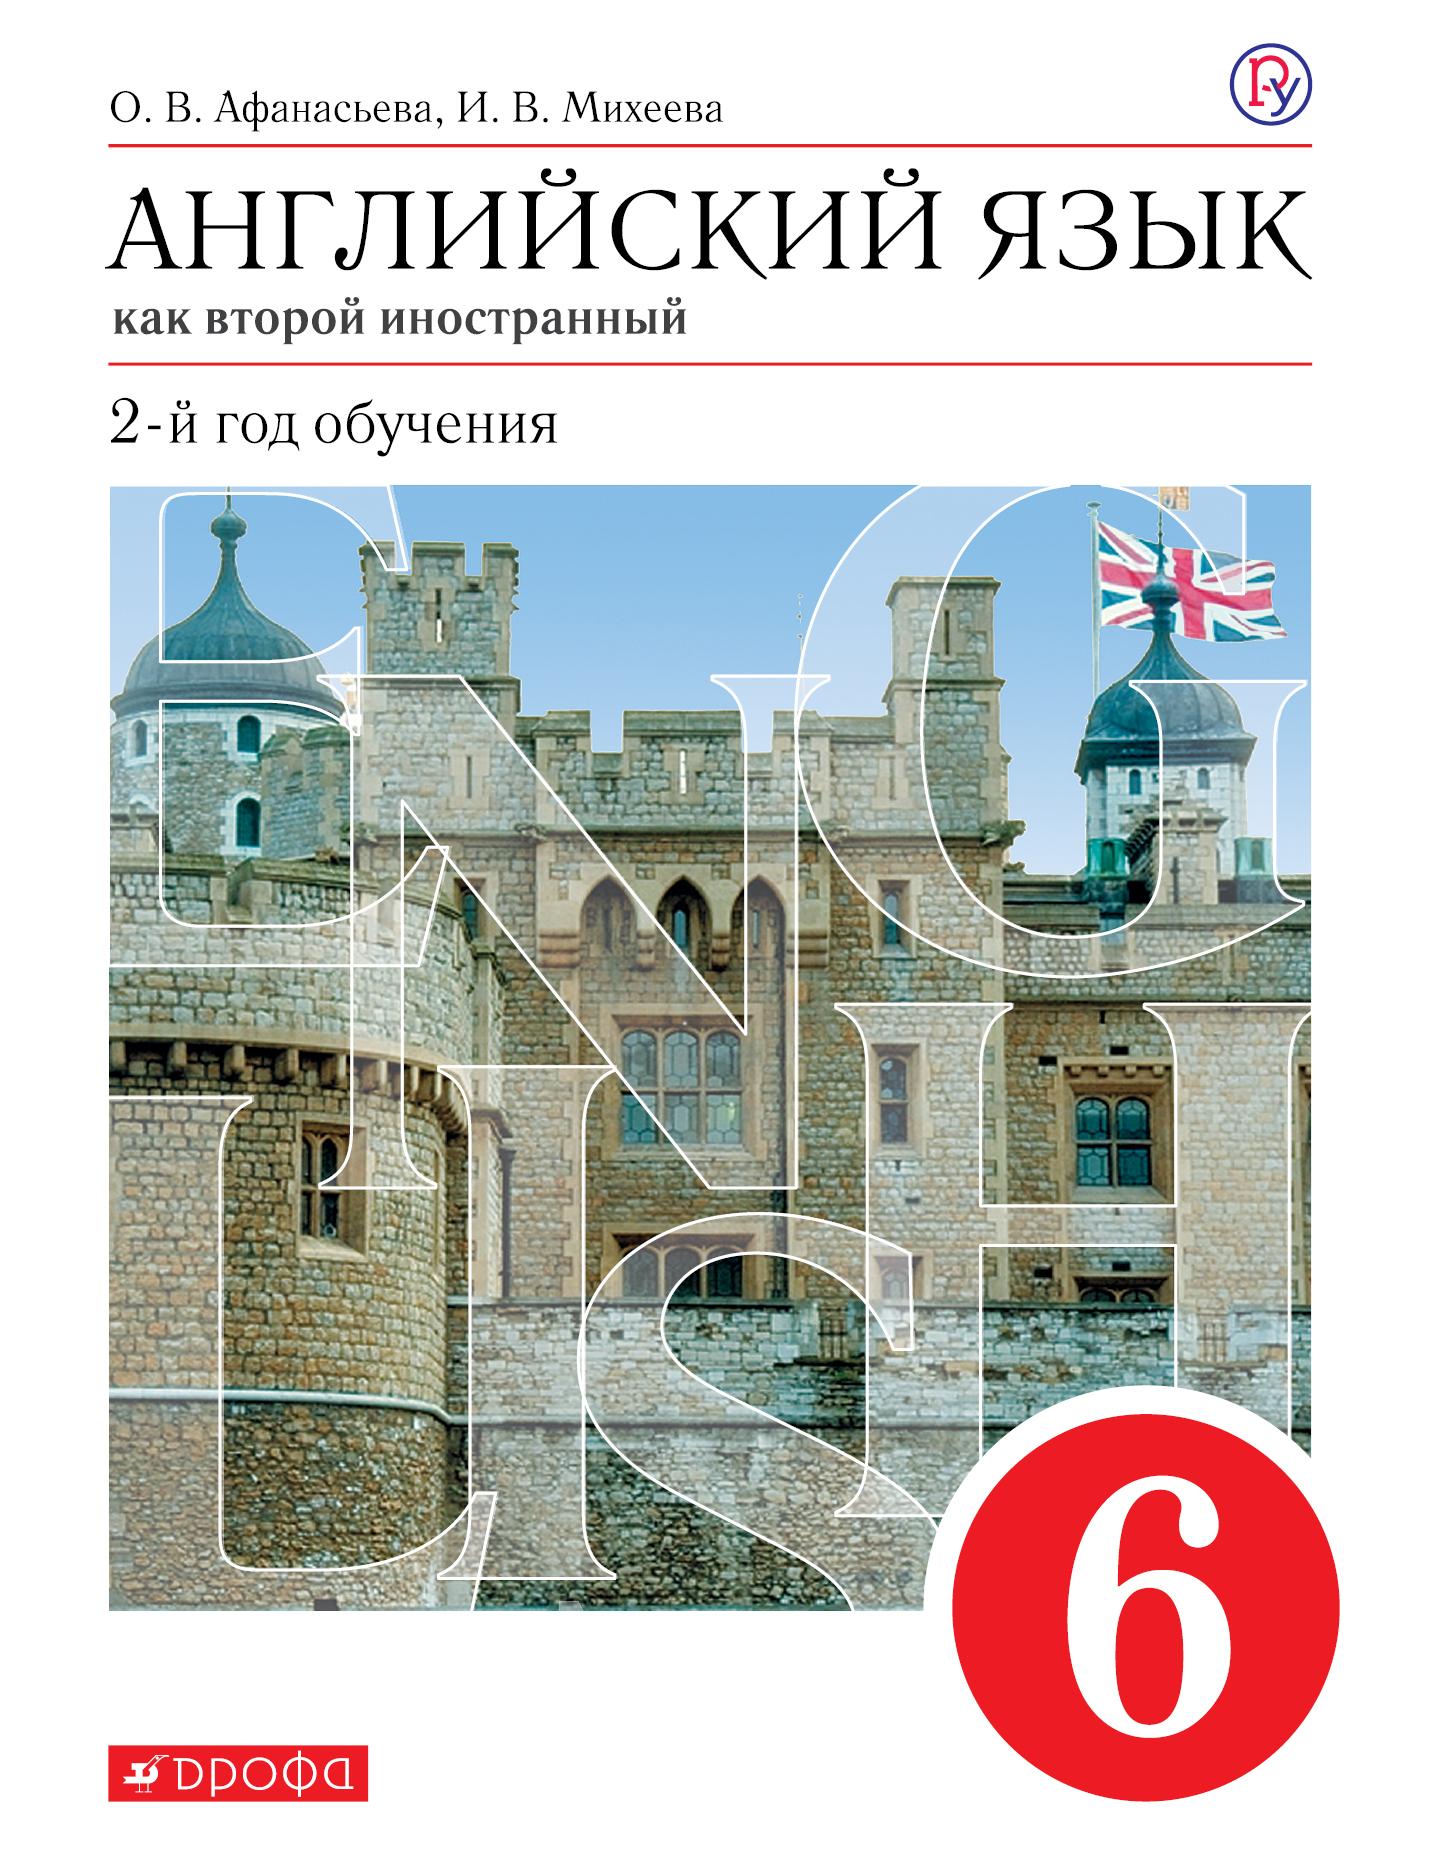 Английский язык как второй иностранный. 2-й год обучения. 6 класс. Учебник, О. В. Афанасьева, И. В. Михеева